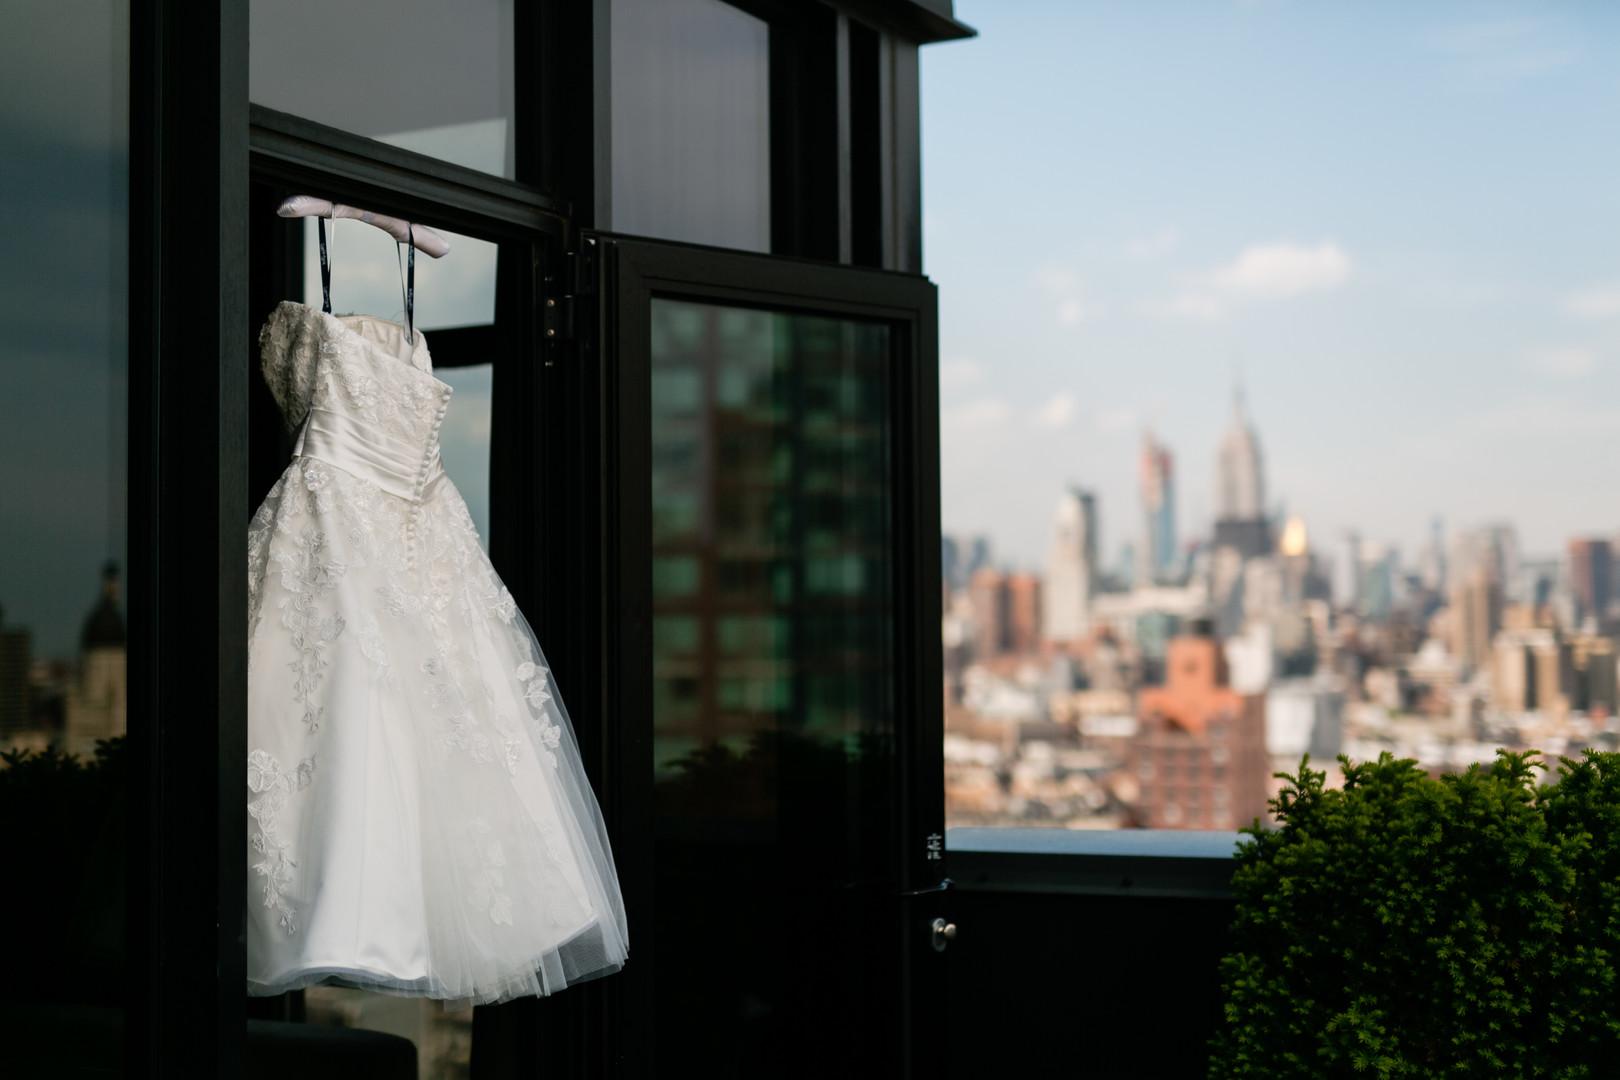 Woolard_Callegari_CaseyFatchettPhotography_publicrestaurantwedding10_big.jpg